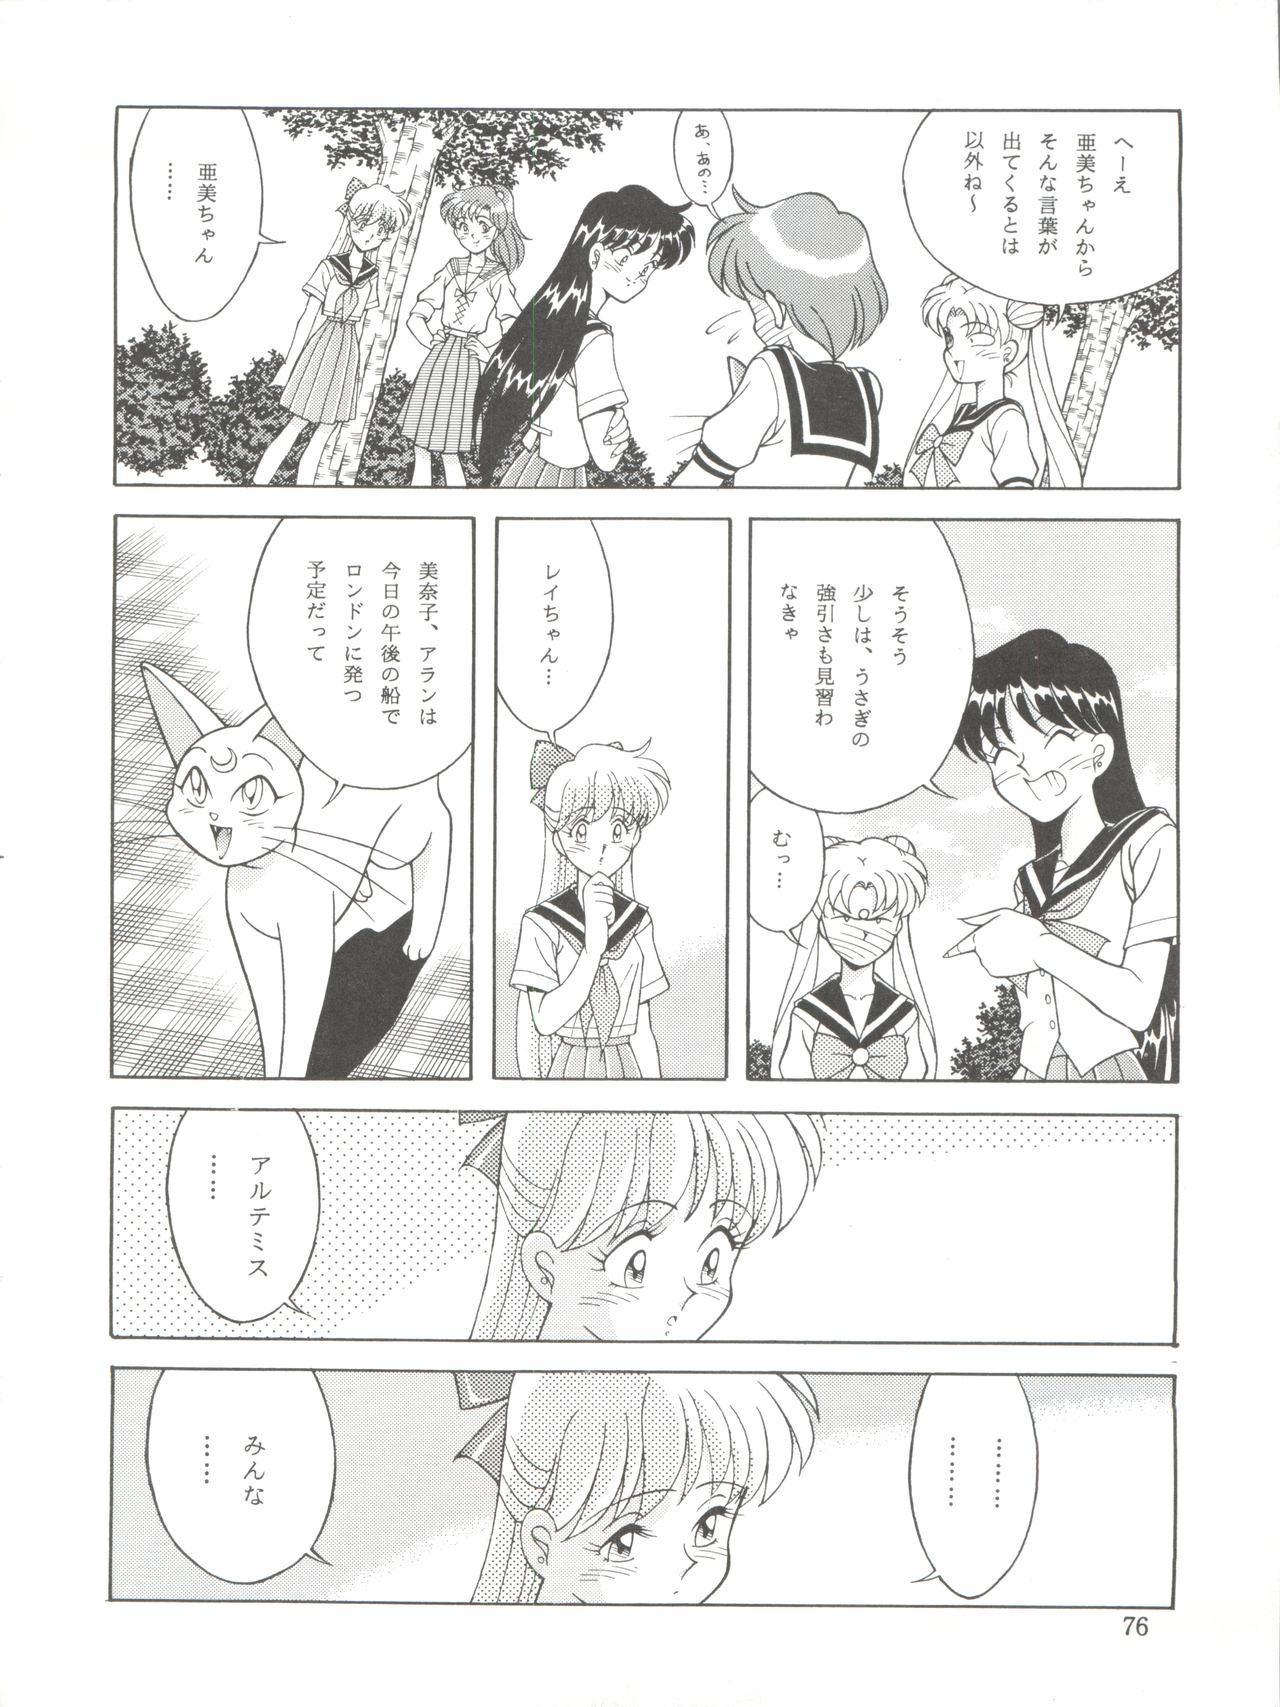 NANIWA-YA FINAL DRESS UP! 75